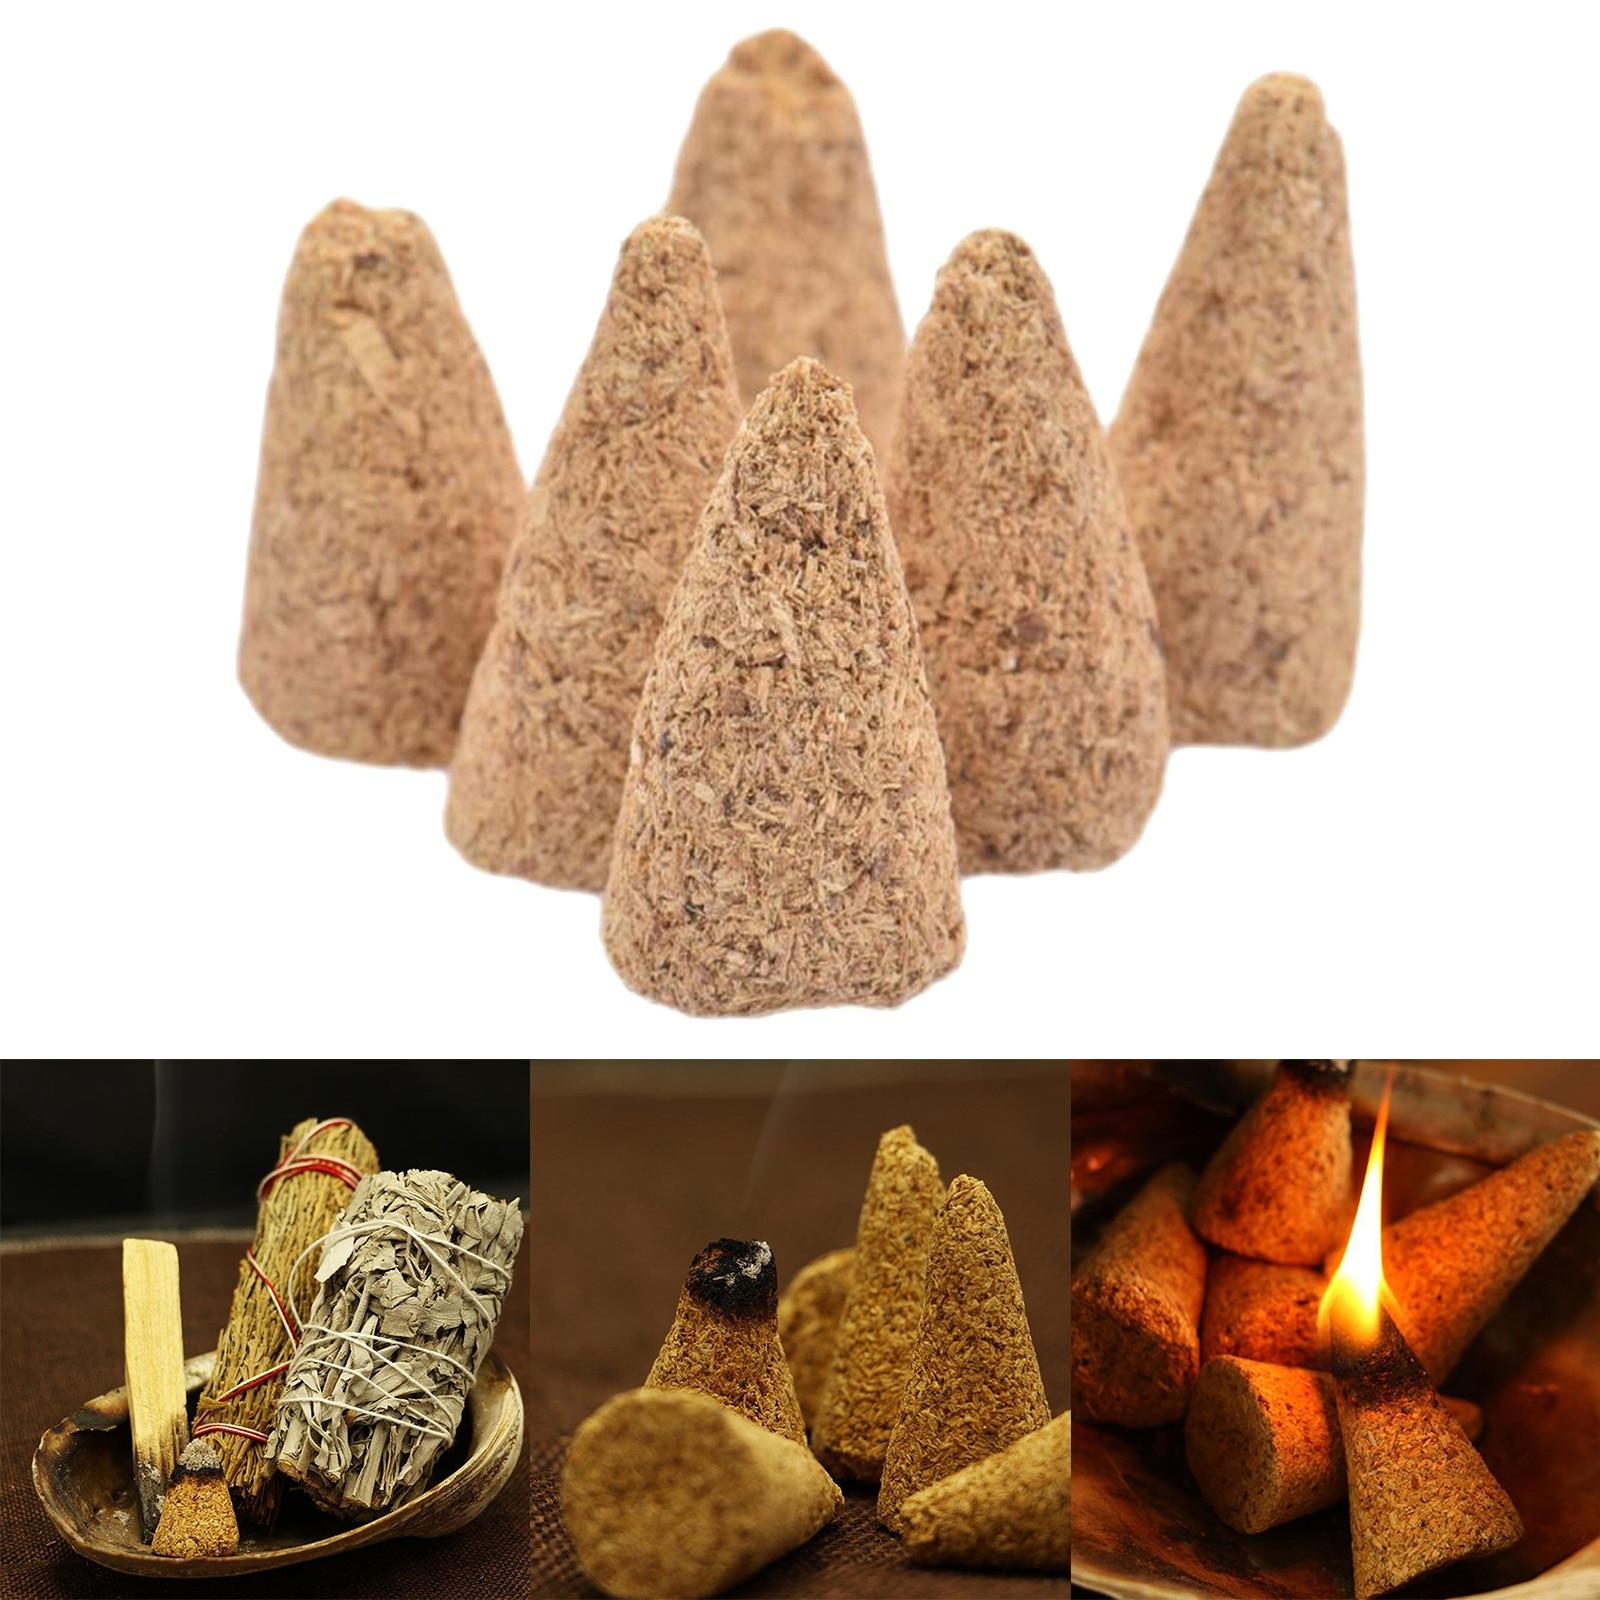 Ароматические благовония для помещений из натурального сандалового дерева, 6 шт.